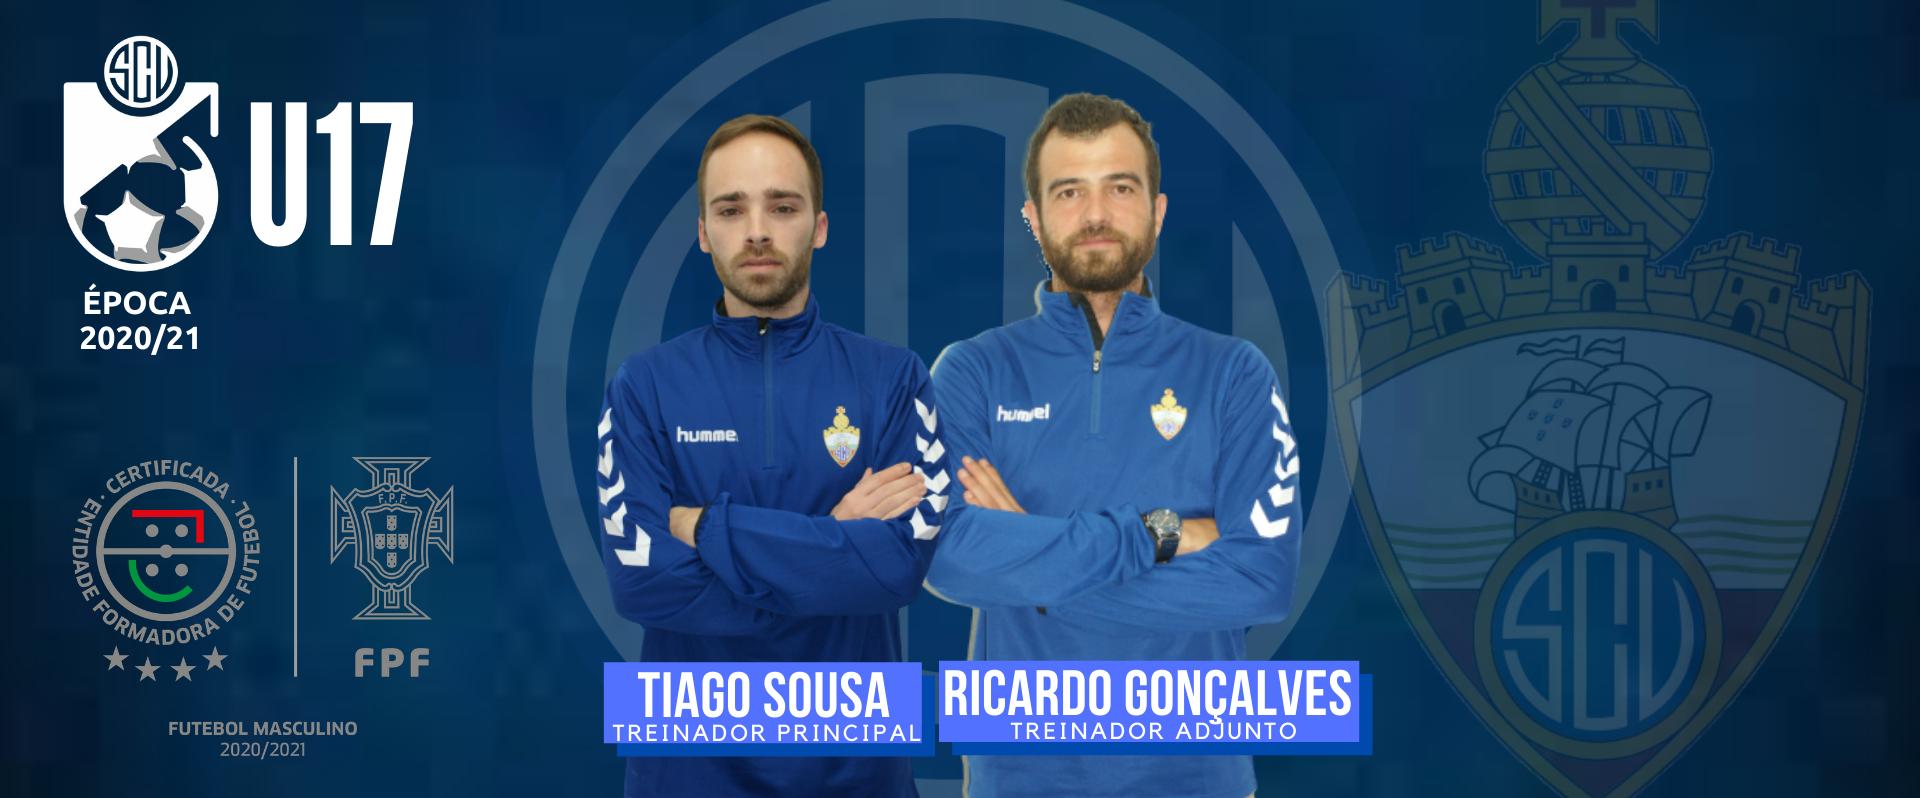 Tiago Sousa e Ricardo Gonçalves nos U17